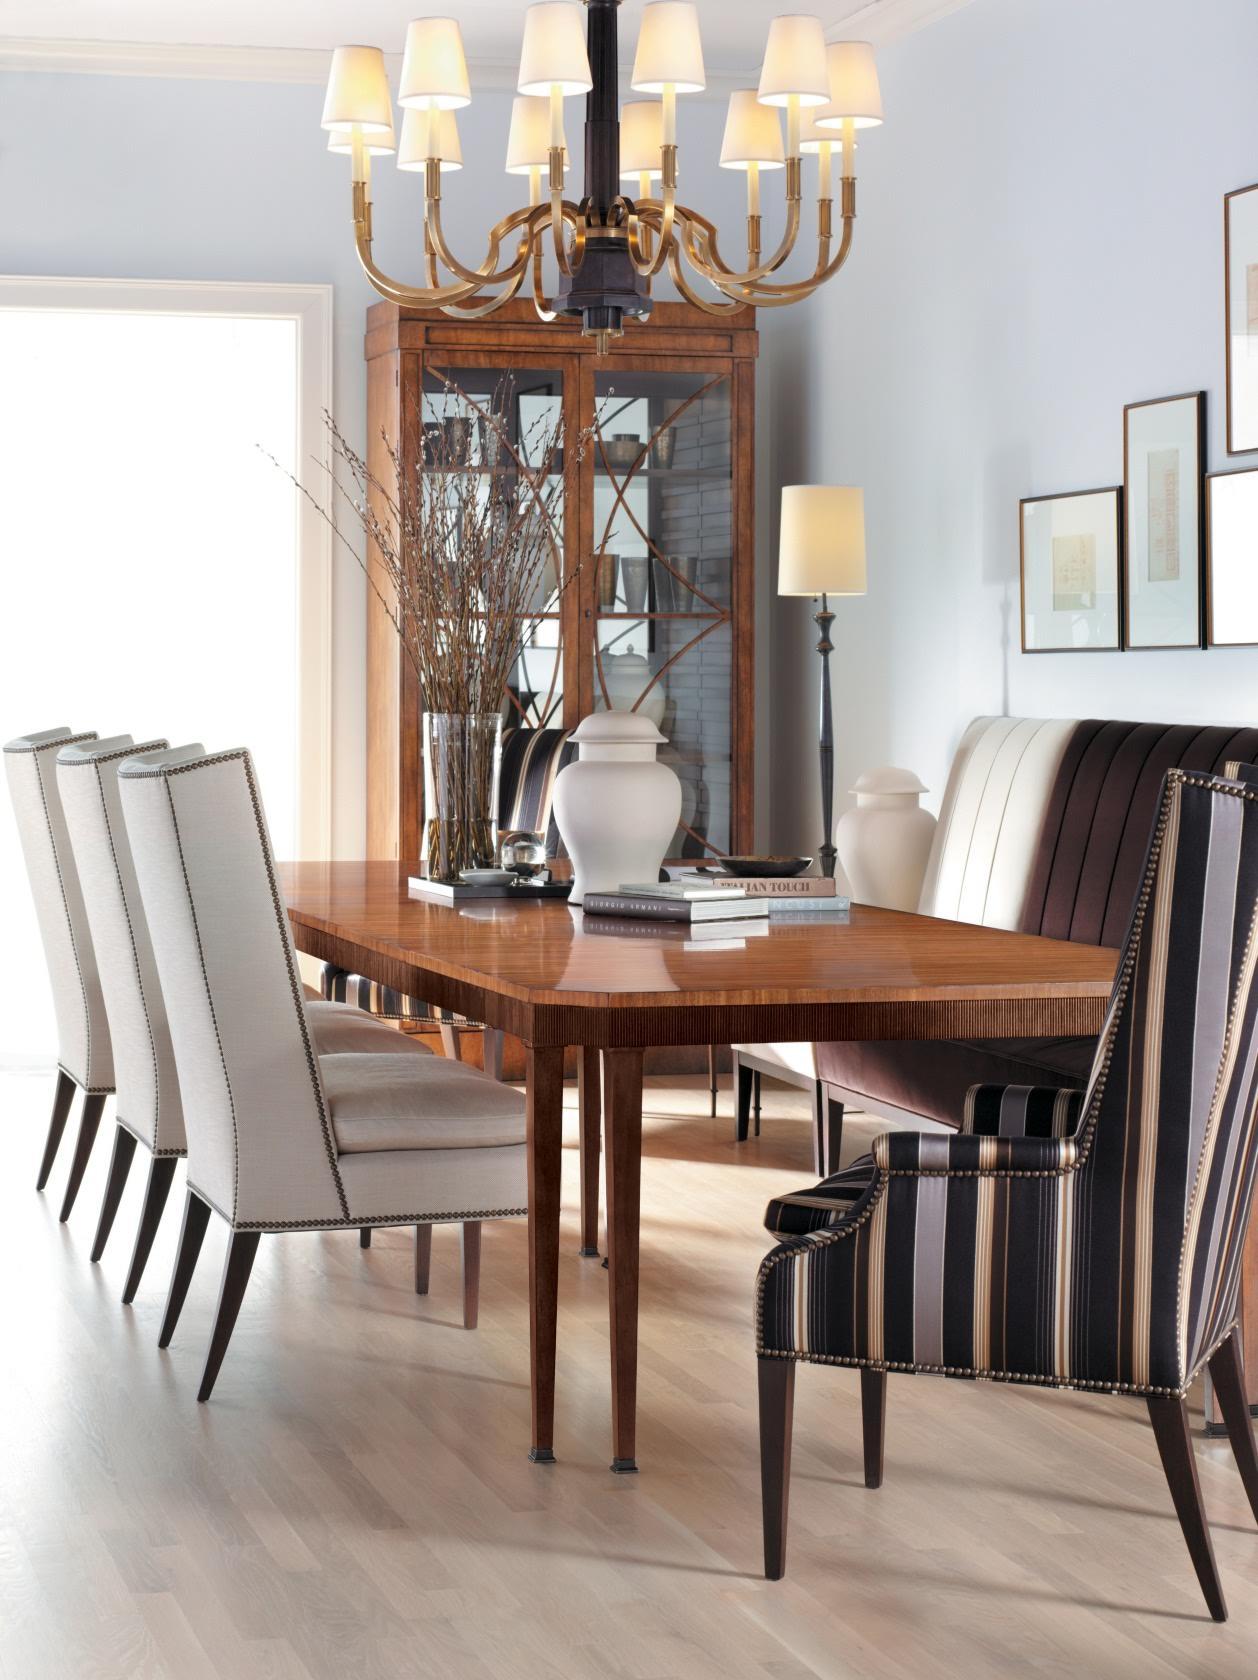 Gasior's Furniture & Interior Design image 4